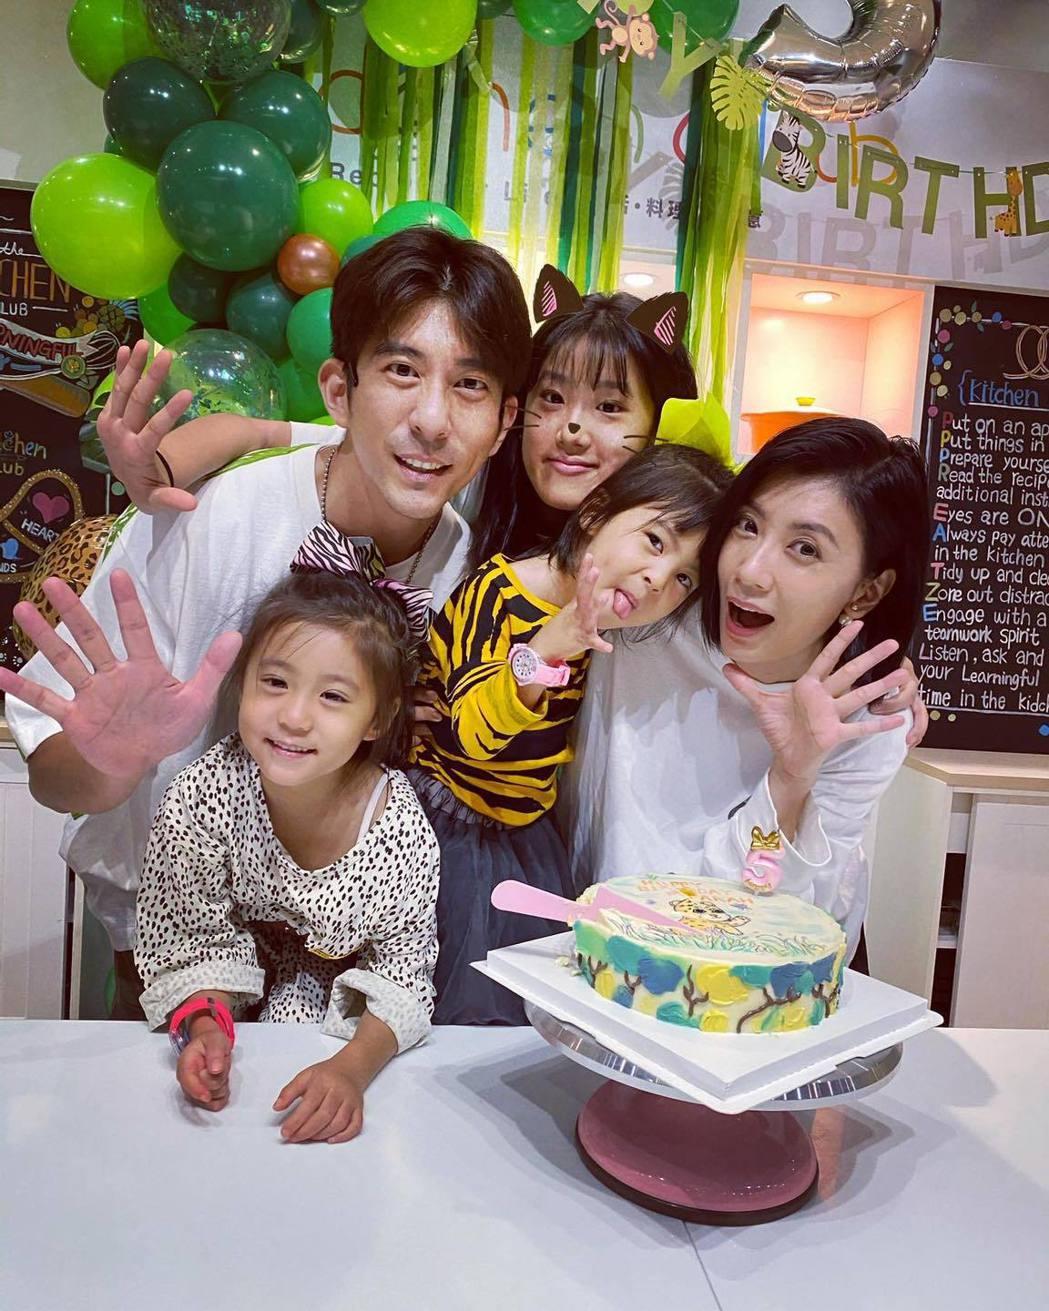 賈靜雯(右)與修杰楷(左)及三個女兒。圖/摘自臉書